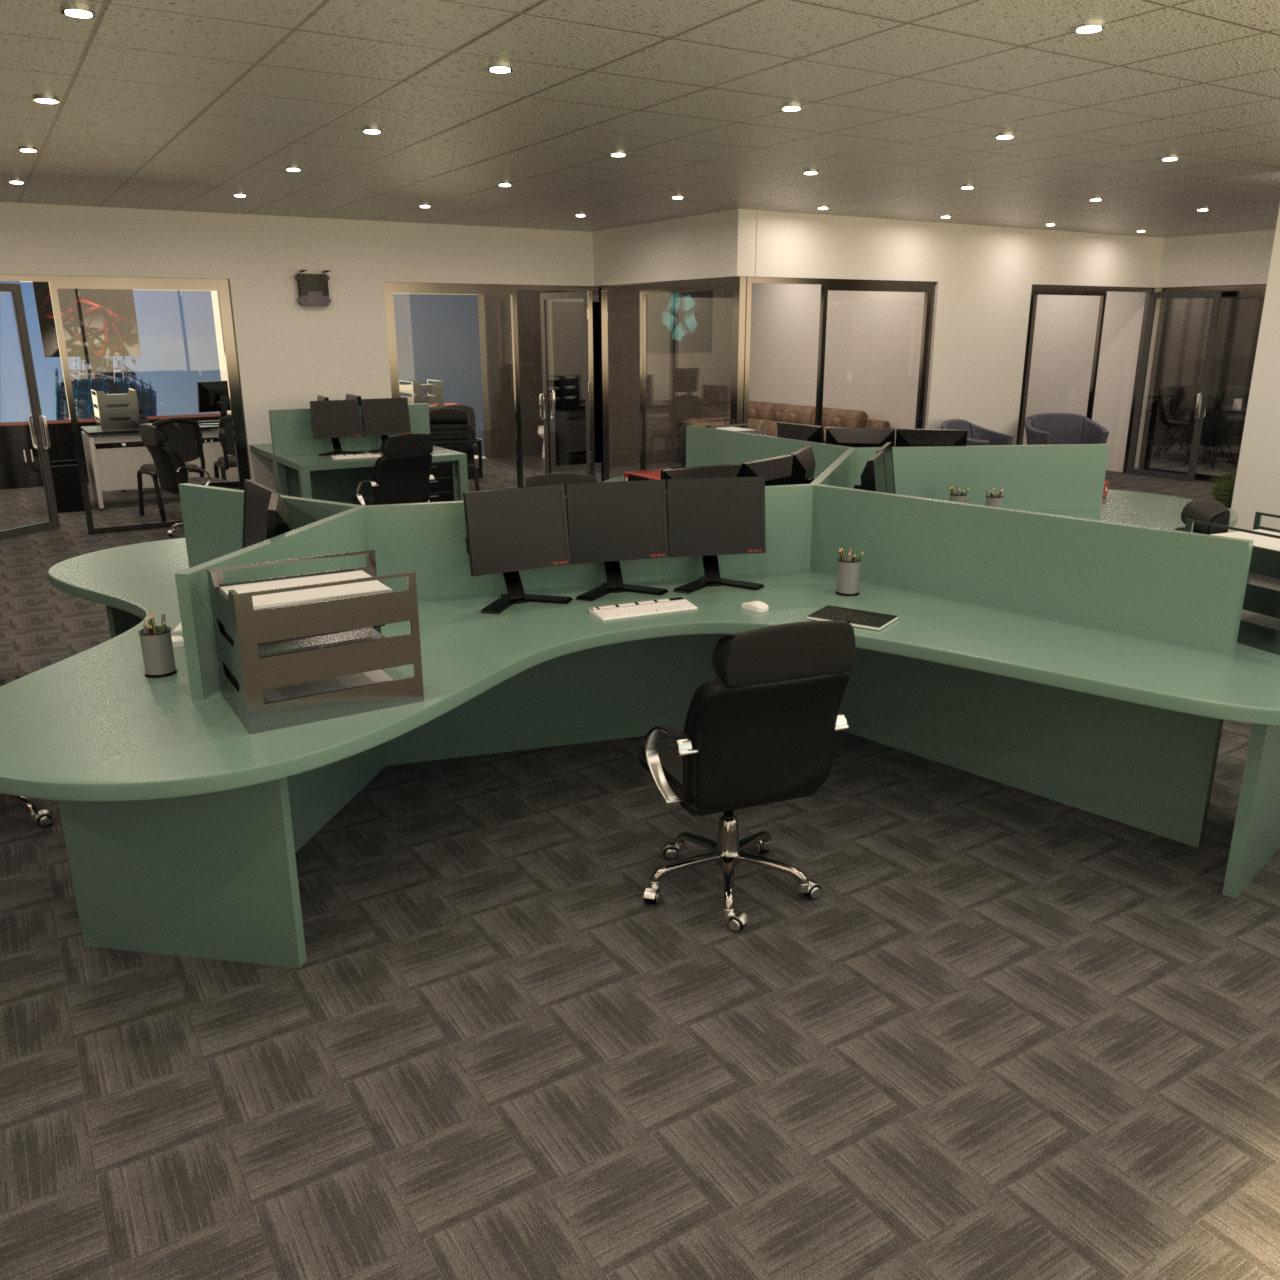 3d model of computer desk setup